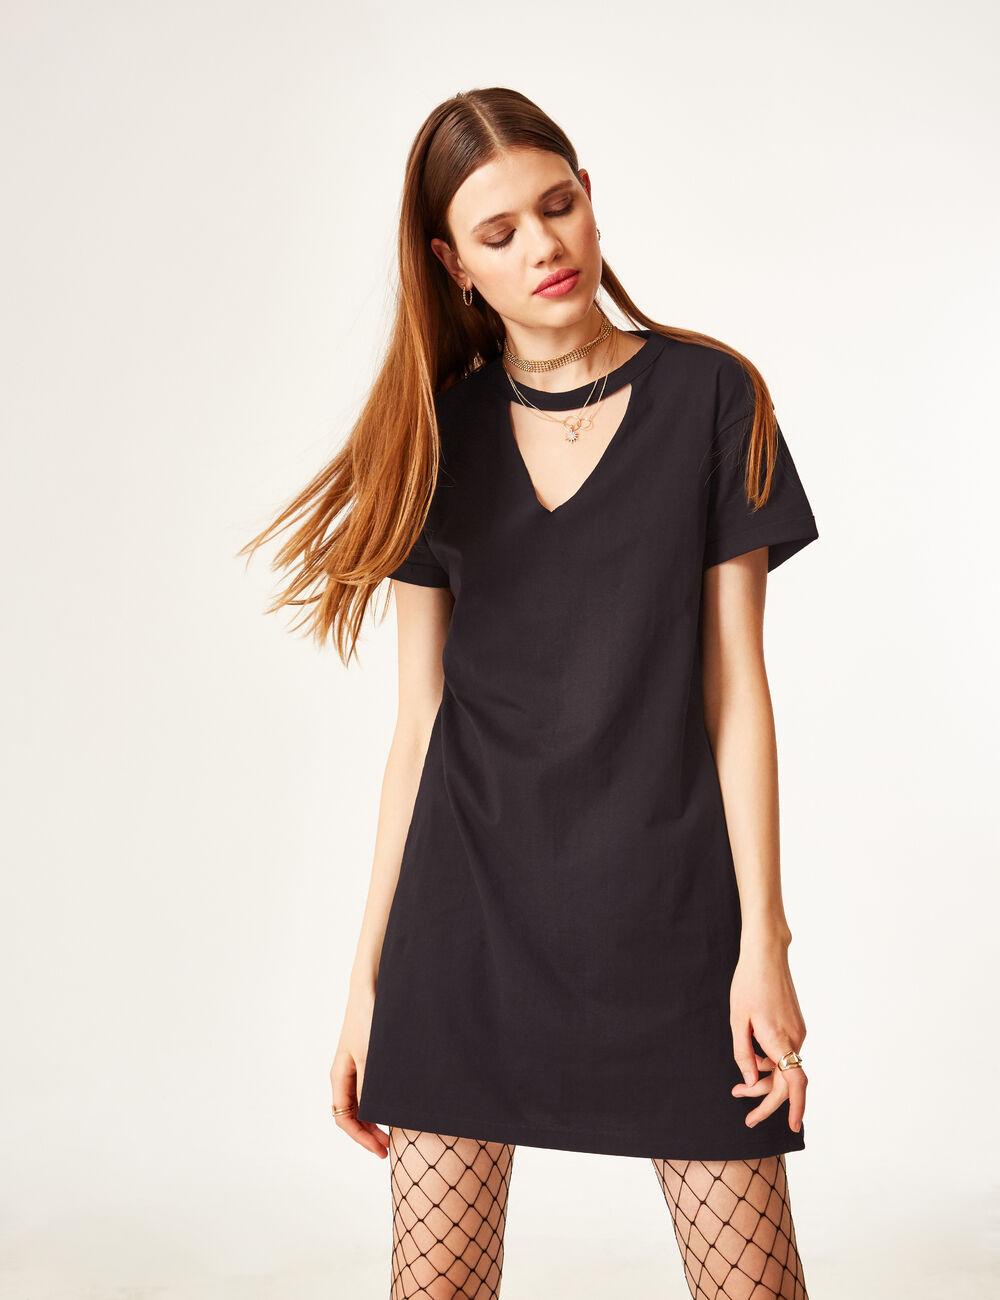 581785f01606 Robe pull pas cher jennyfer – Modèles populaires de robes